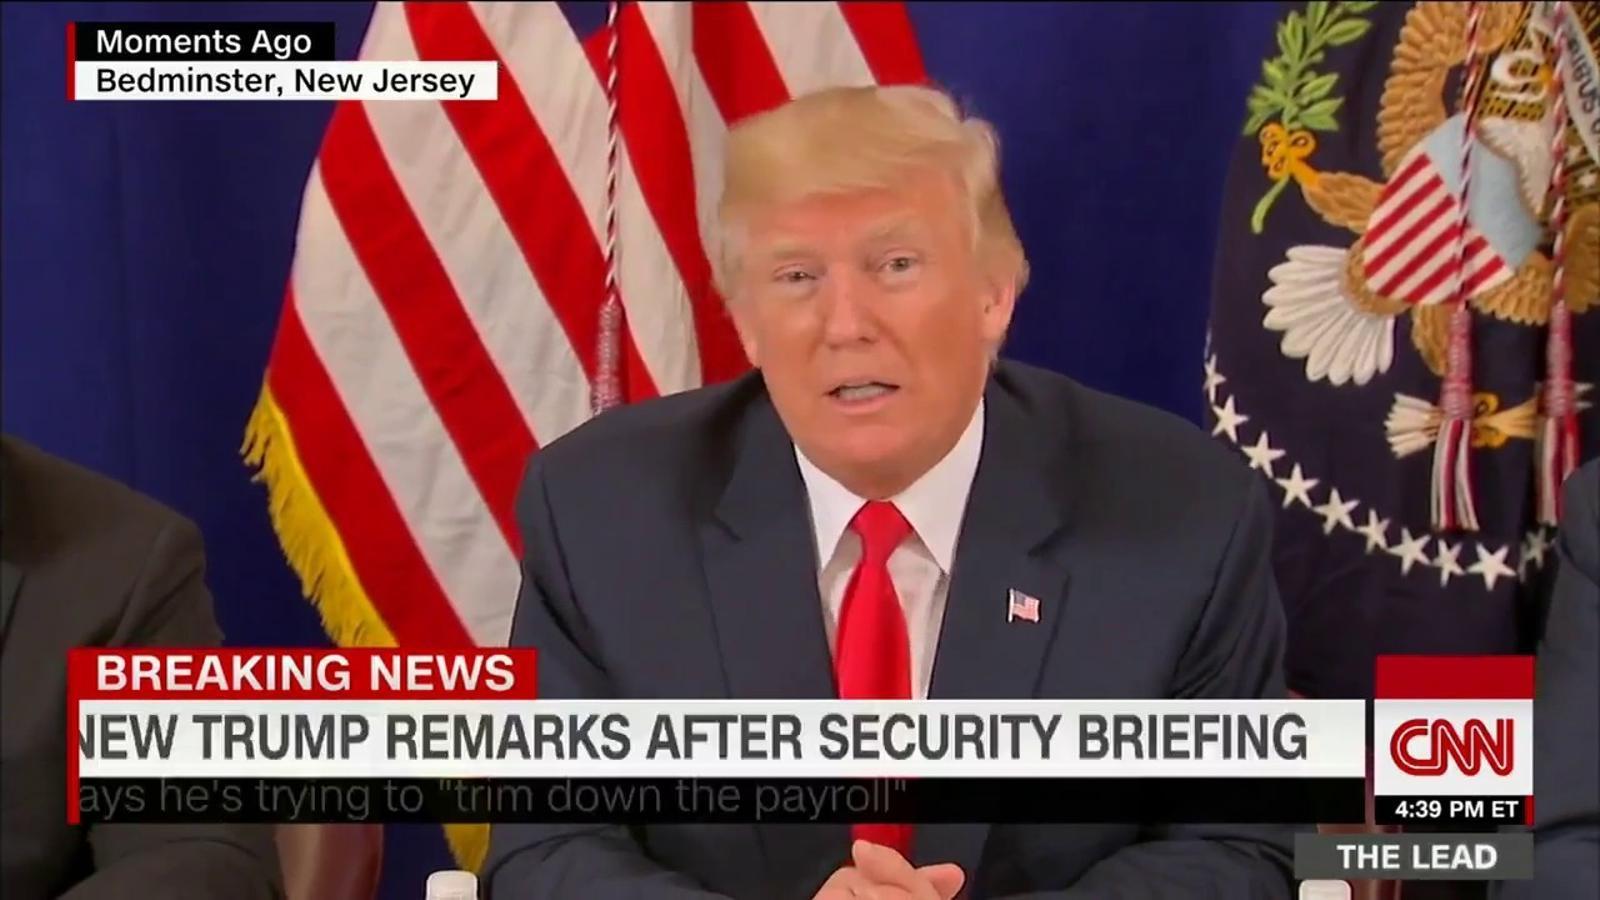 Trump agraeix a Putin que hagi expulsat els seus diplomàtics per que així estalvia diners